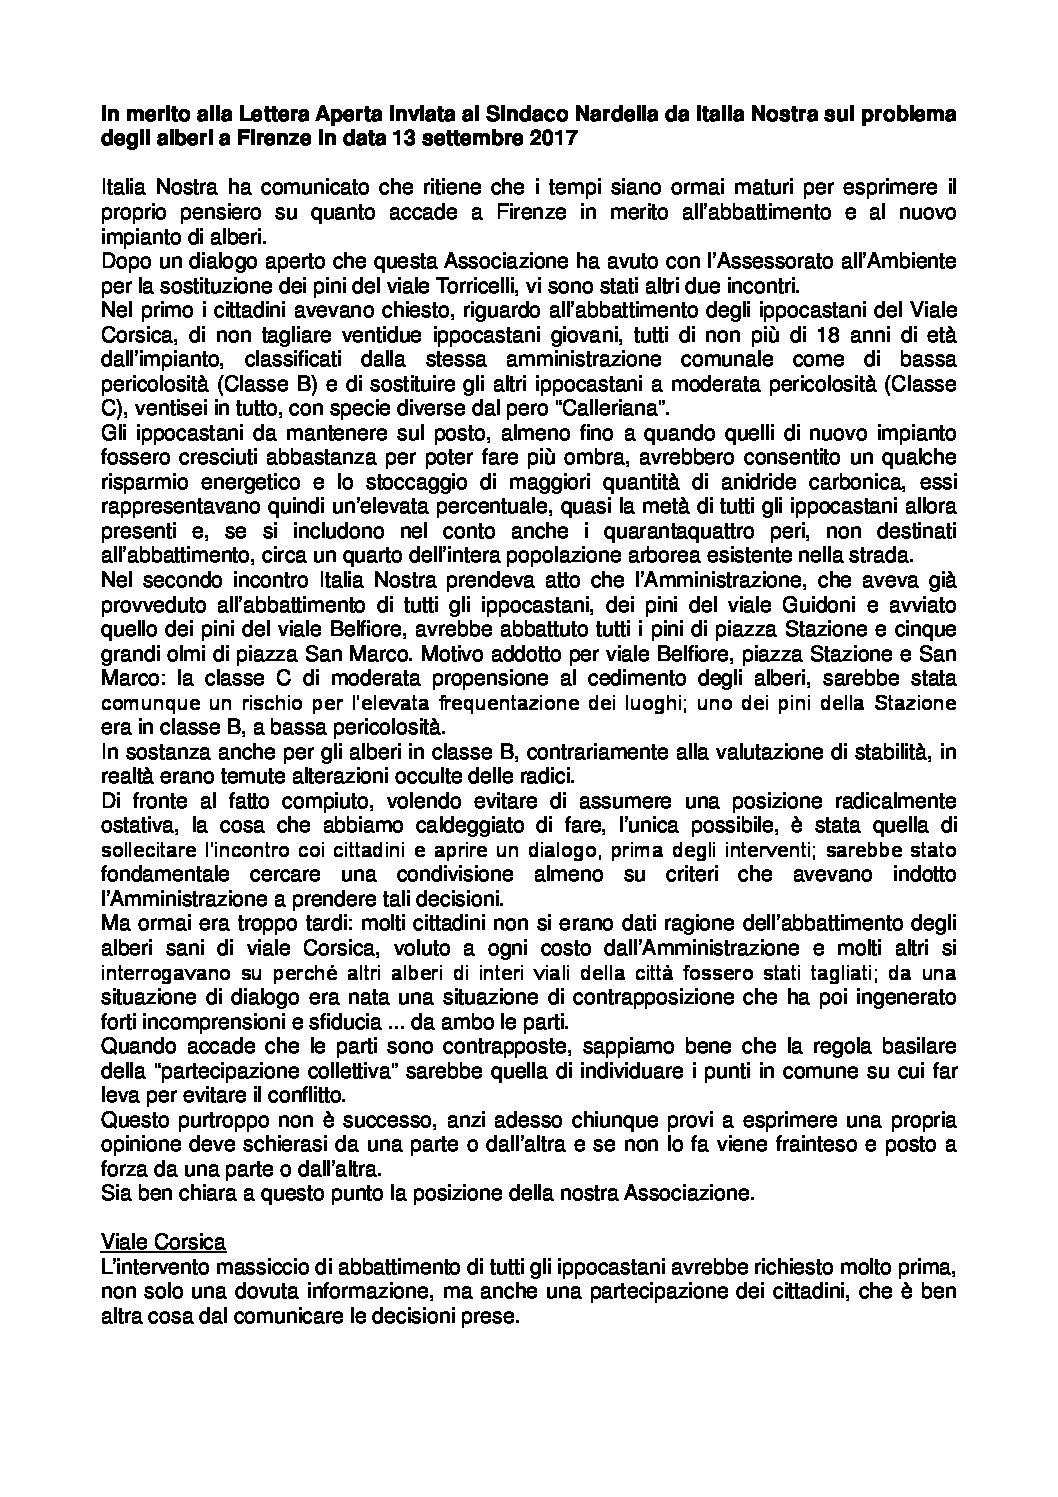 Lettera Italia Nostra